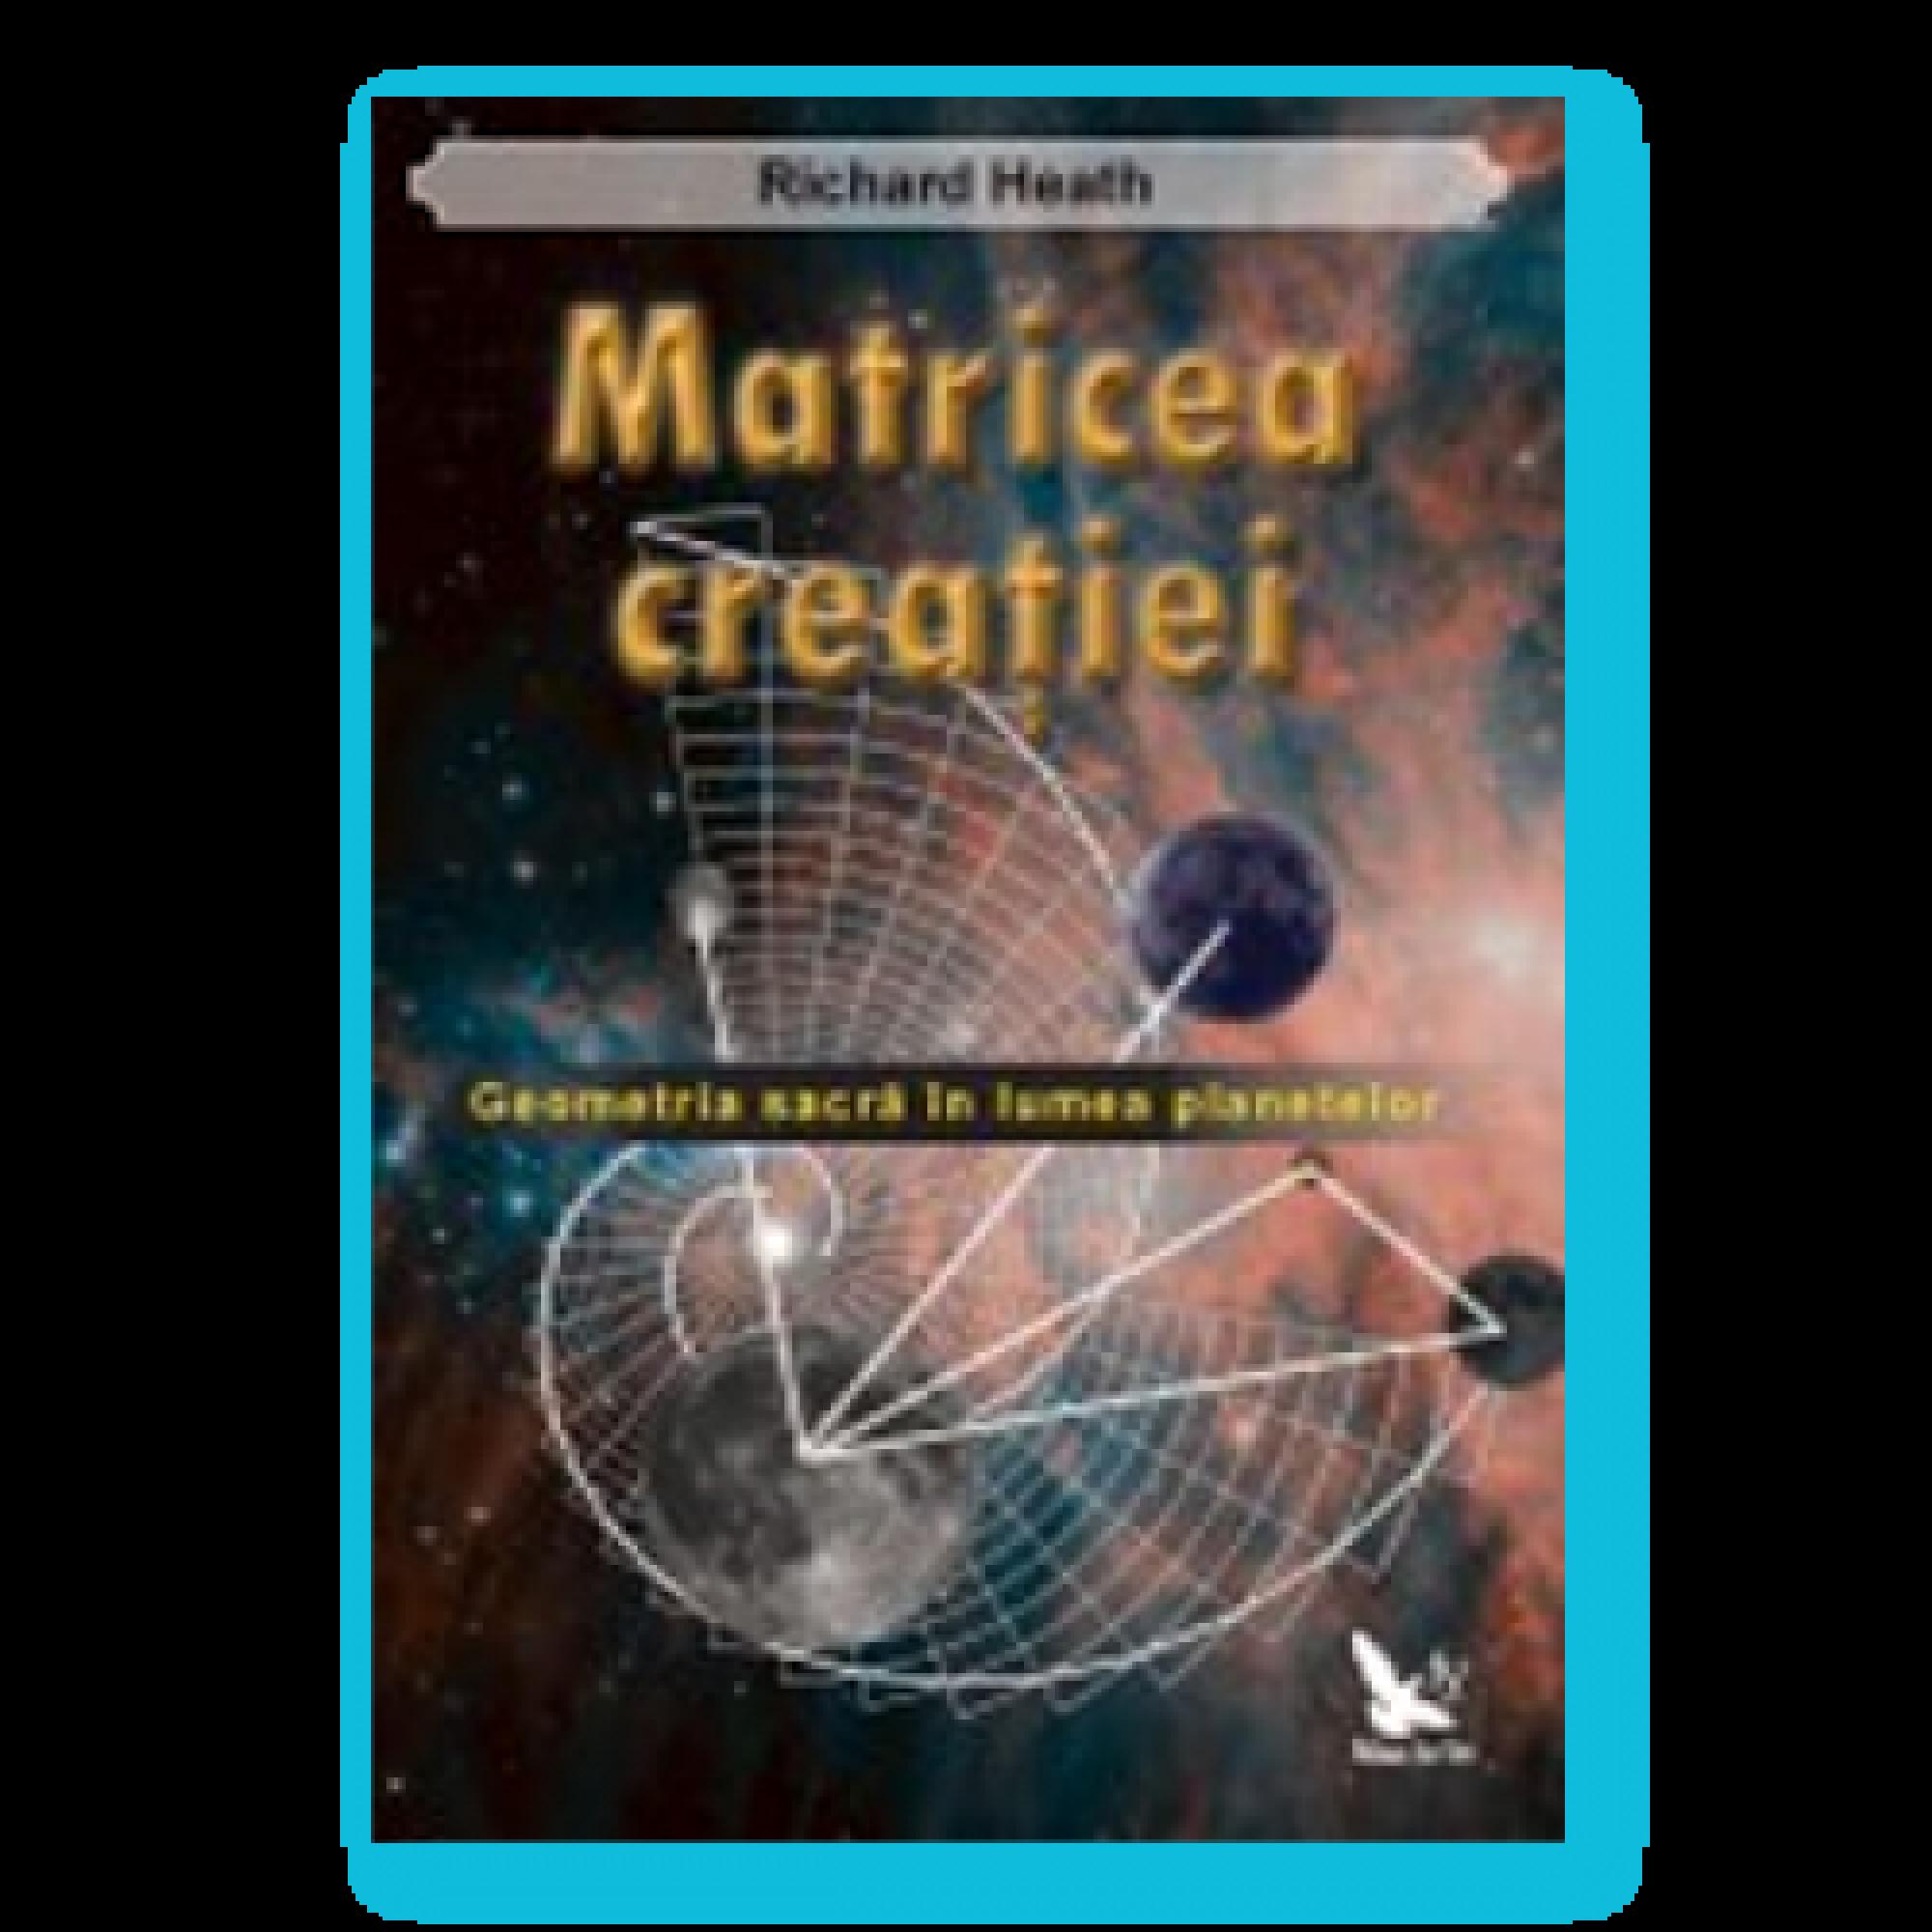 Matricea creaţiei. Geometria sacră în lumea planetelor